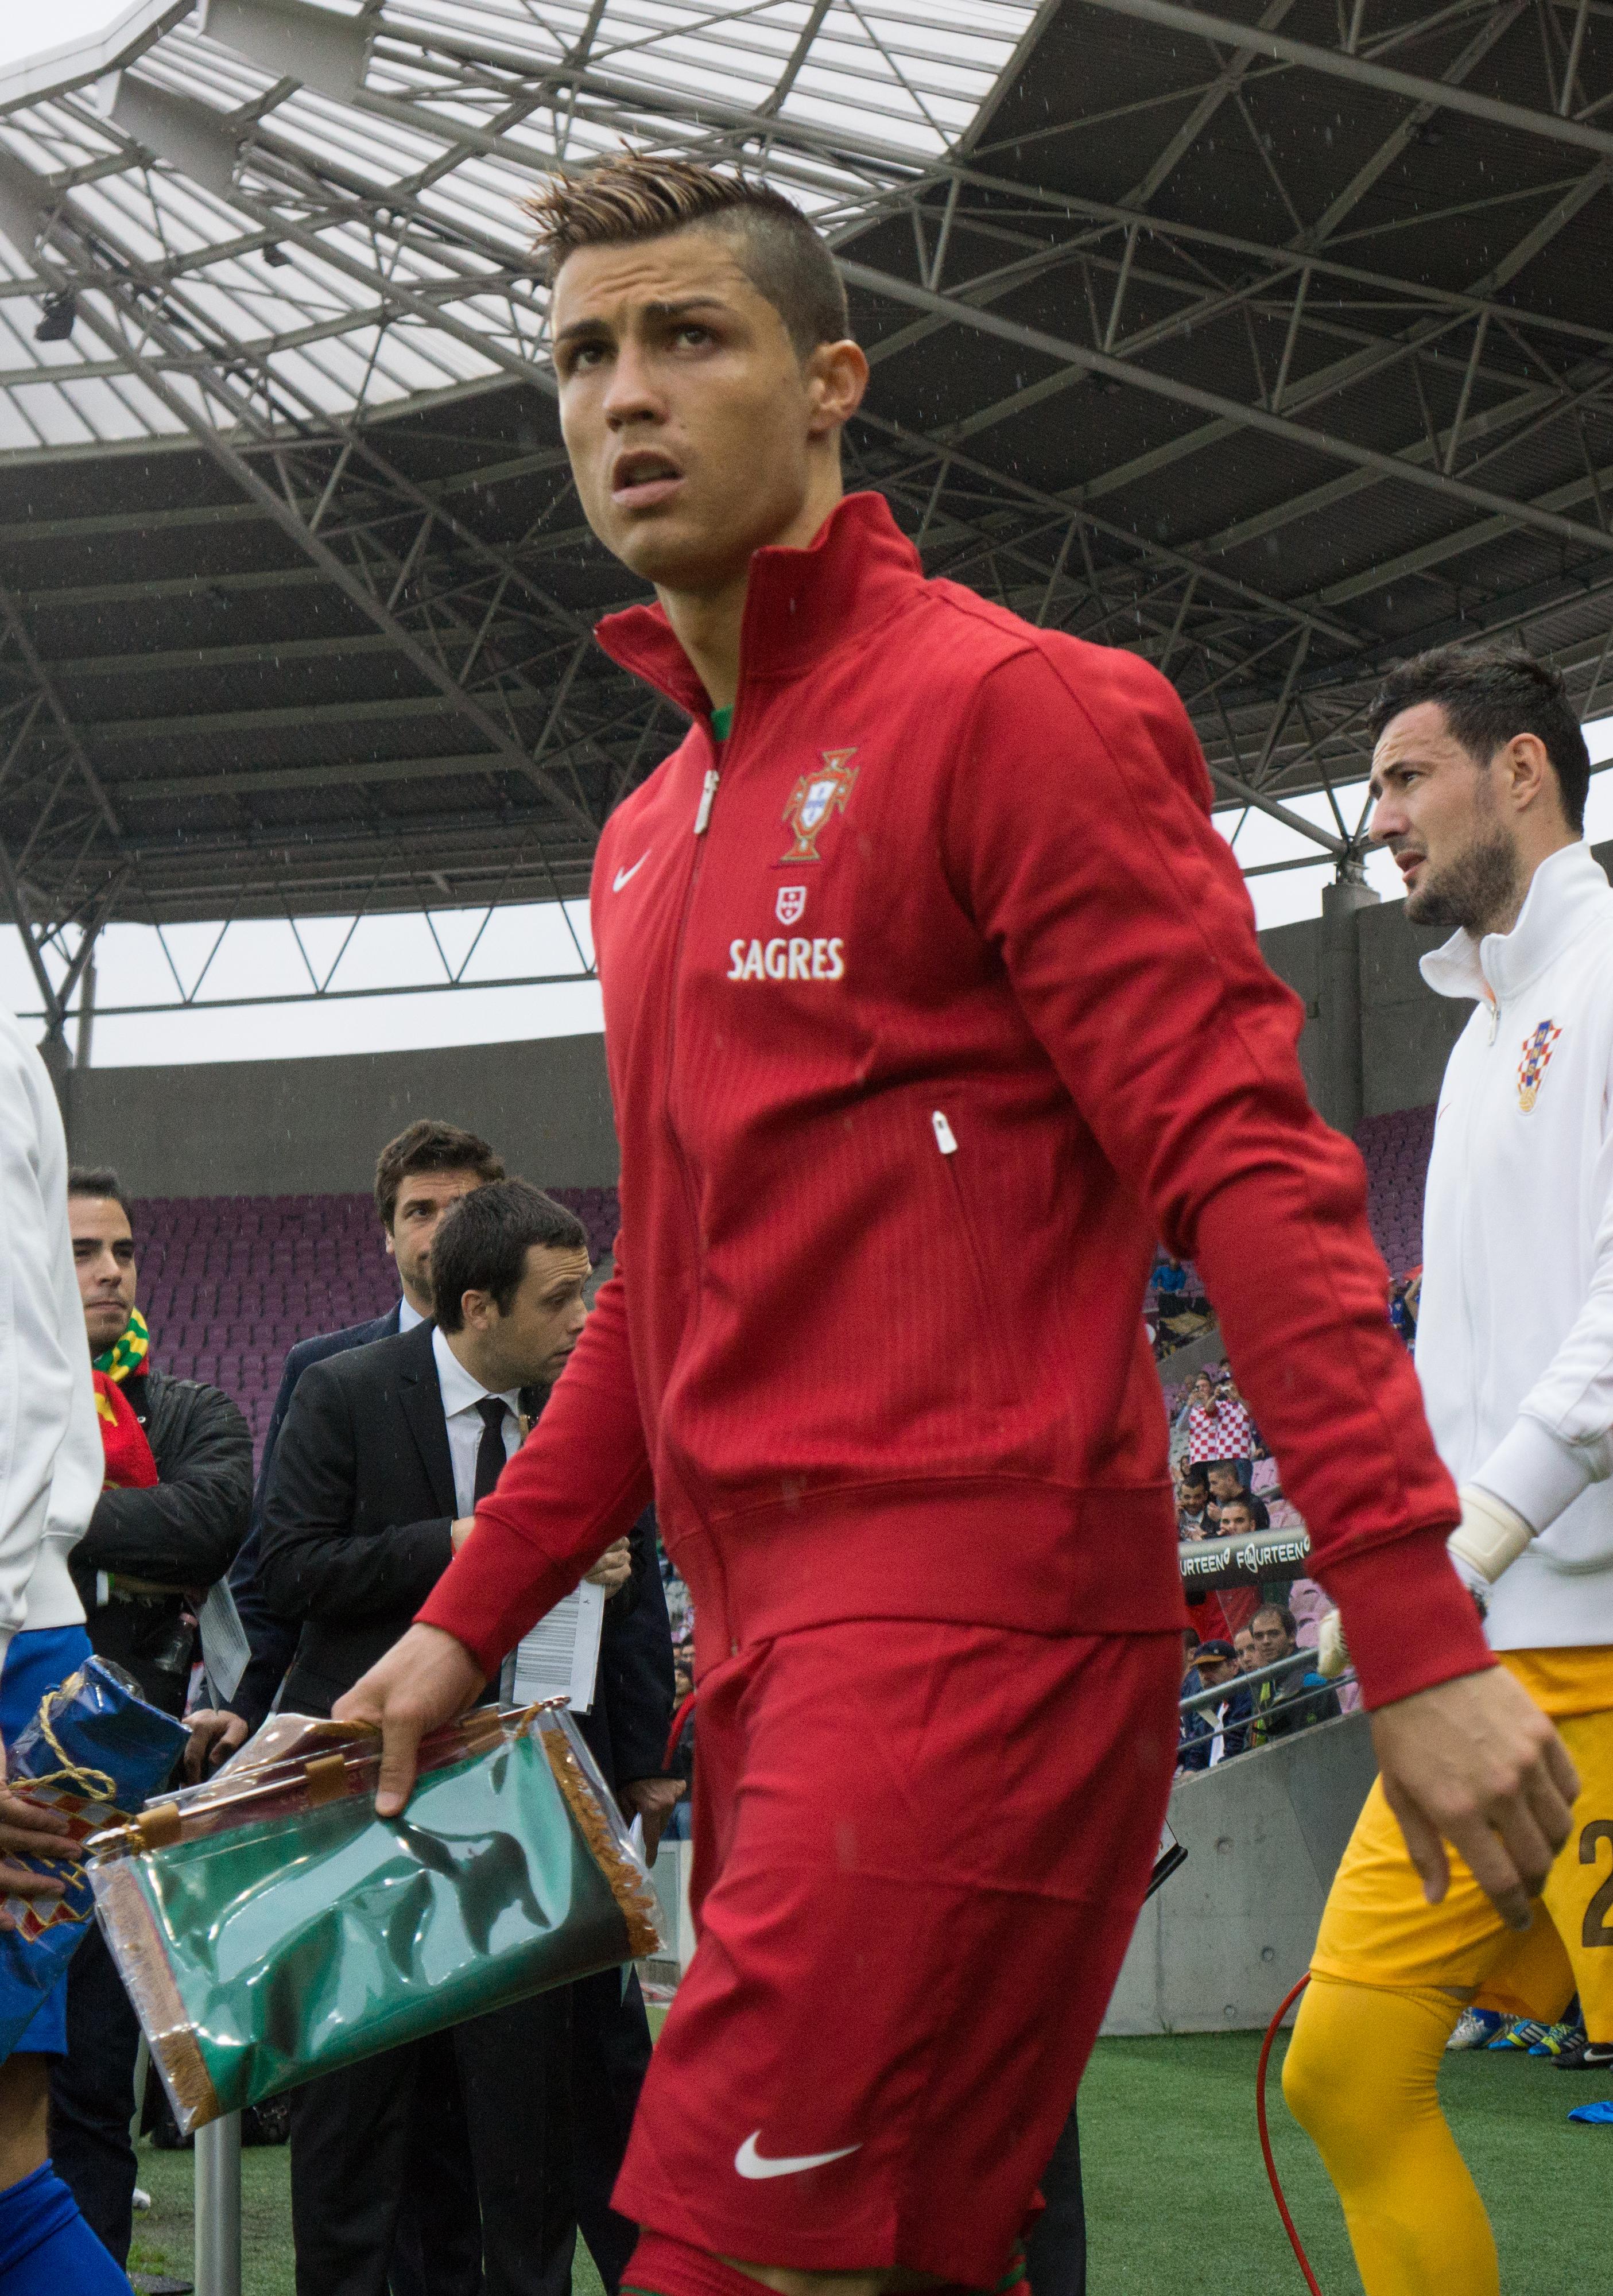 File:Cristiano Ronaldo - Croatia vs. Portugal, 10th June 2013.jpg ...